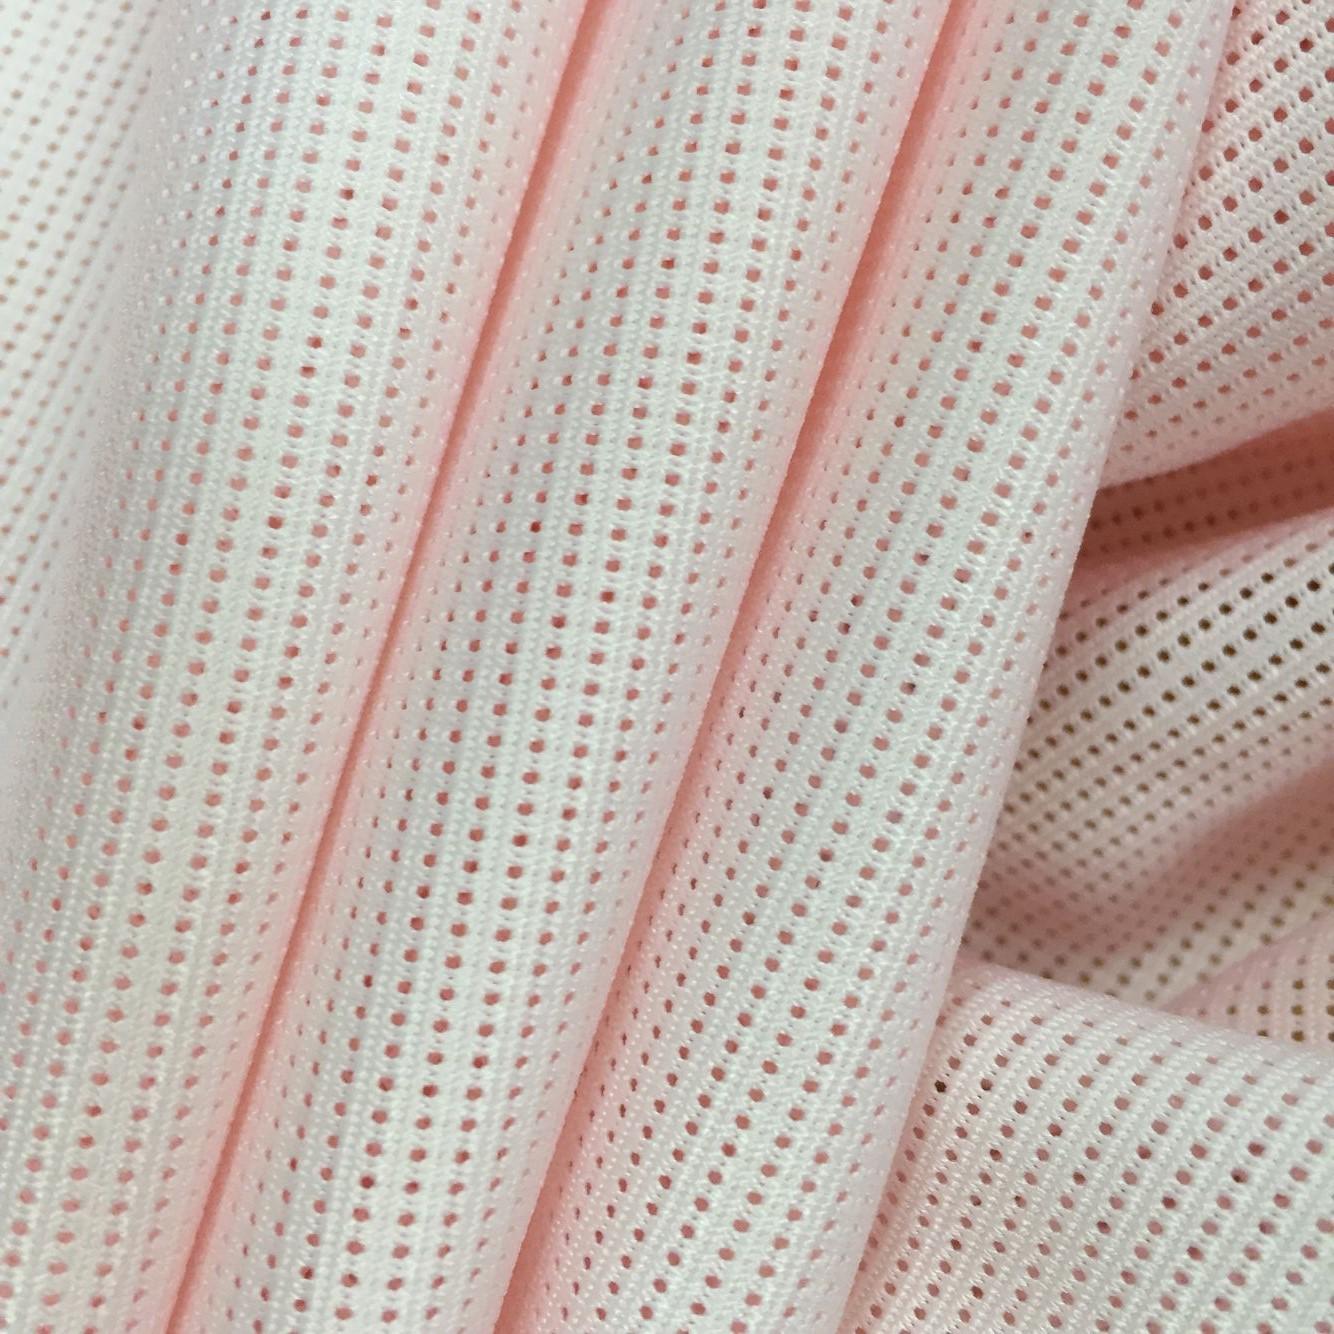 FUWO Vải lưới Nhà máy trực tiếp thể thao bảo vệ thiết bị corset đồ lót vành đai đàn hồi đặc biệt vải